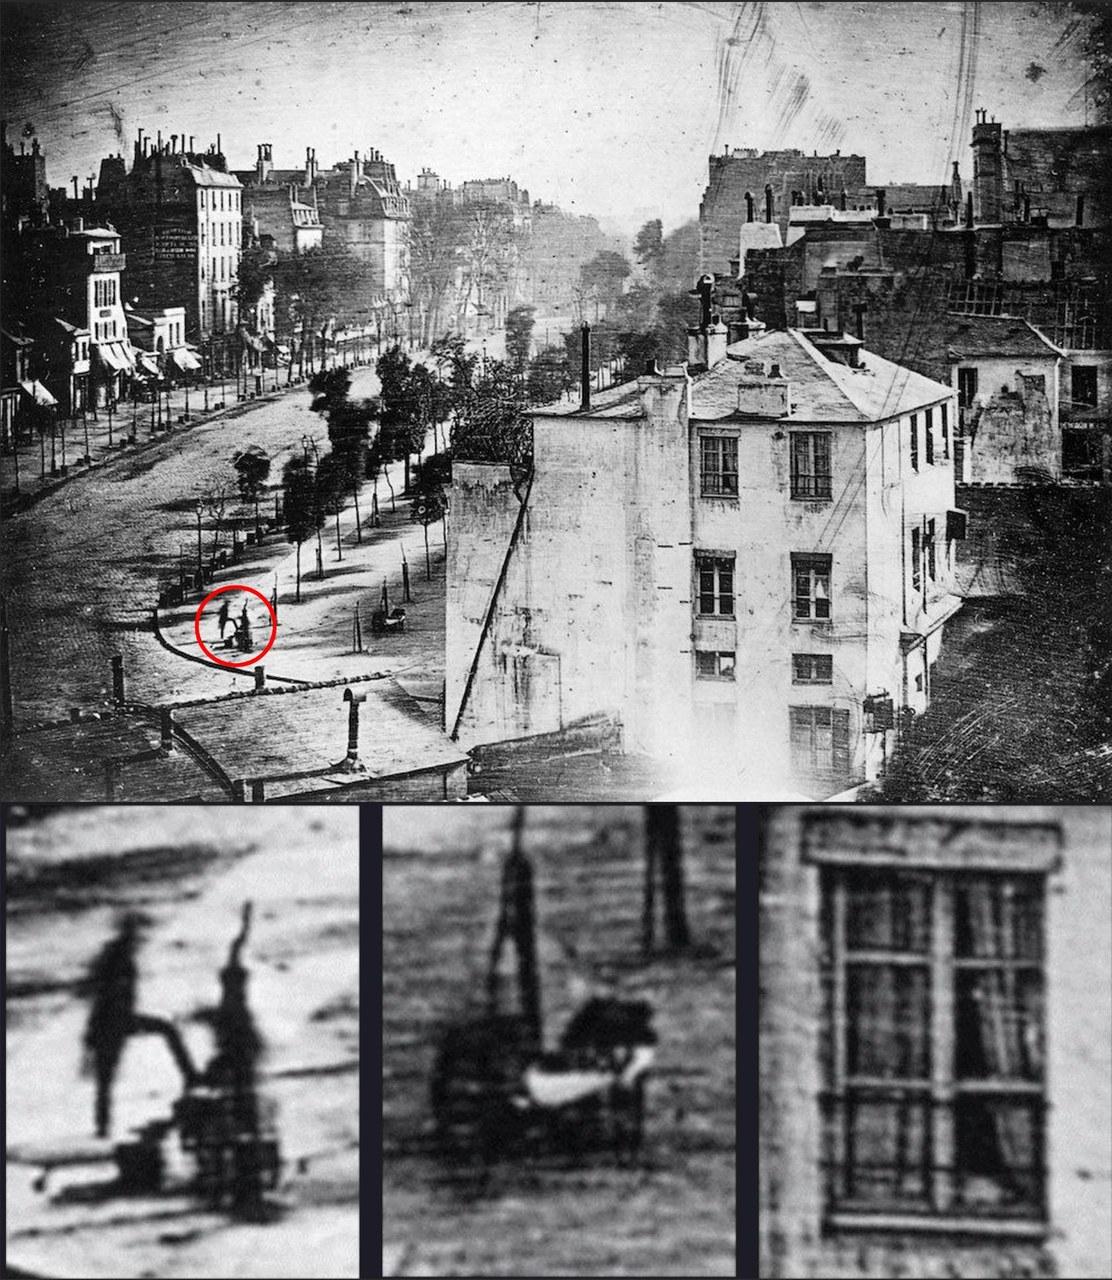 Louis Daguerre, Vue du Boulevard du Temple, Parigi, 1838